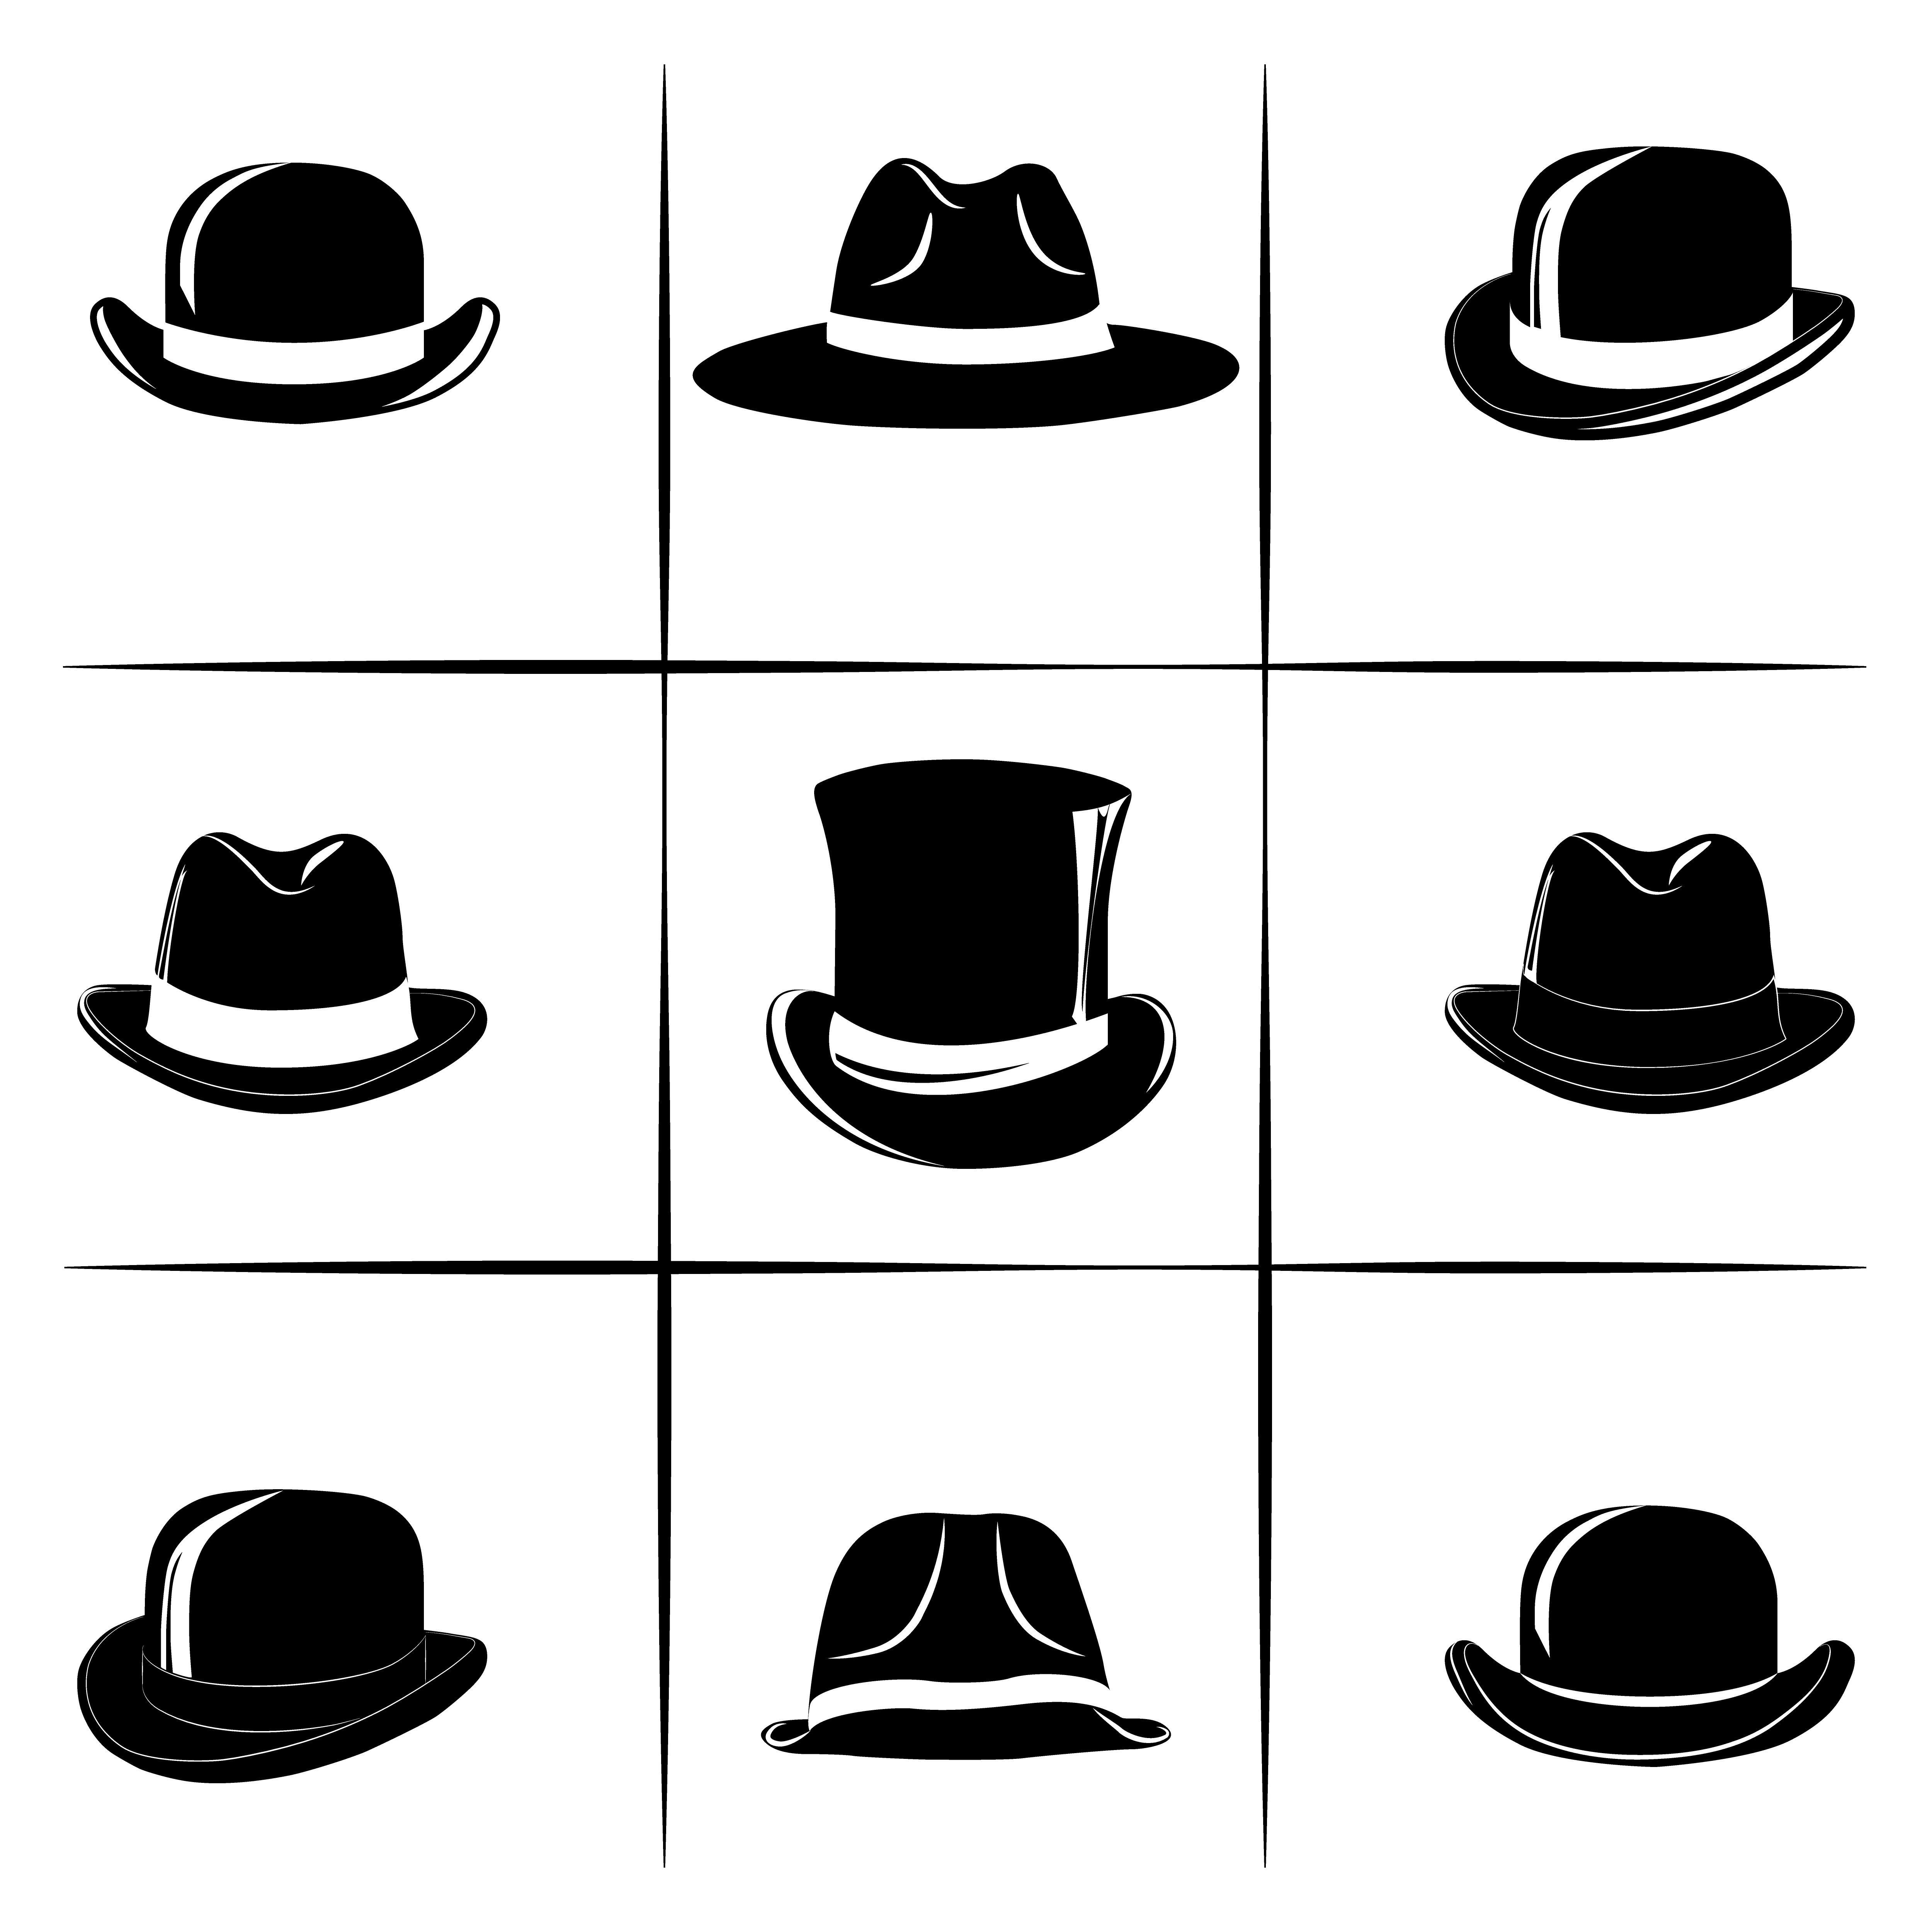 Vector Set With Different Versions Of The Man S Hats Gentleman Gentlemen Hat Bowler Derby Top Hat Cylinder Head Hats For Men British Hats Gentleman Hat